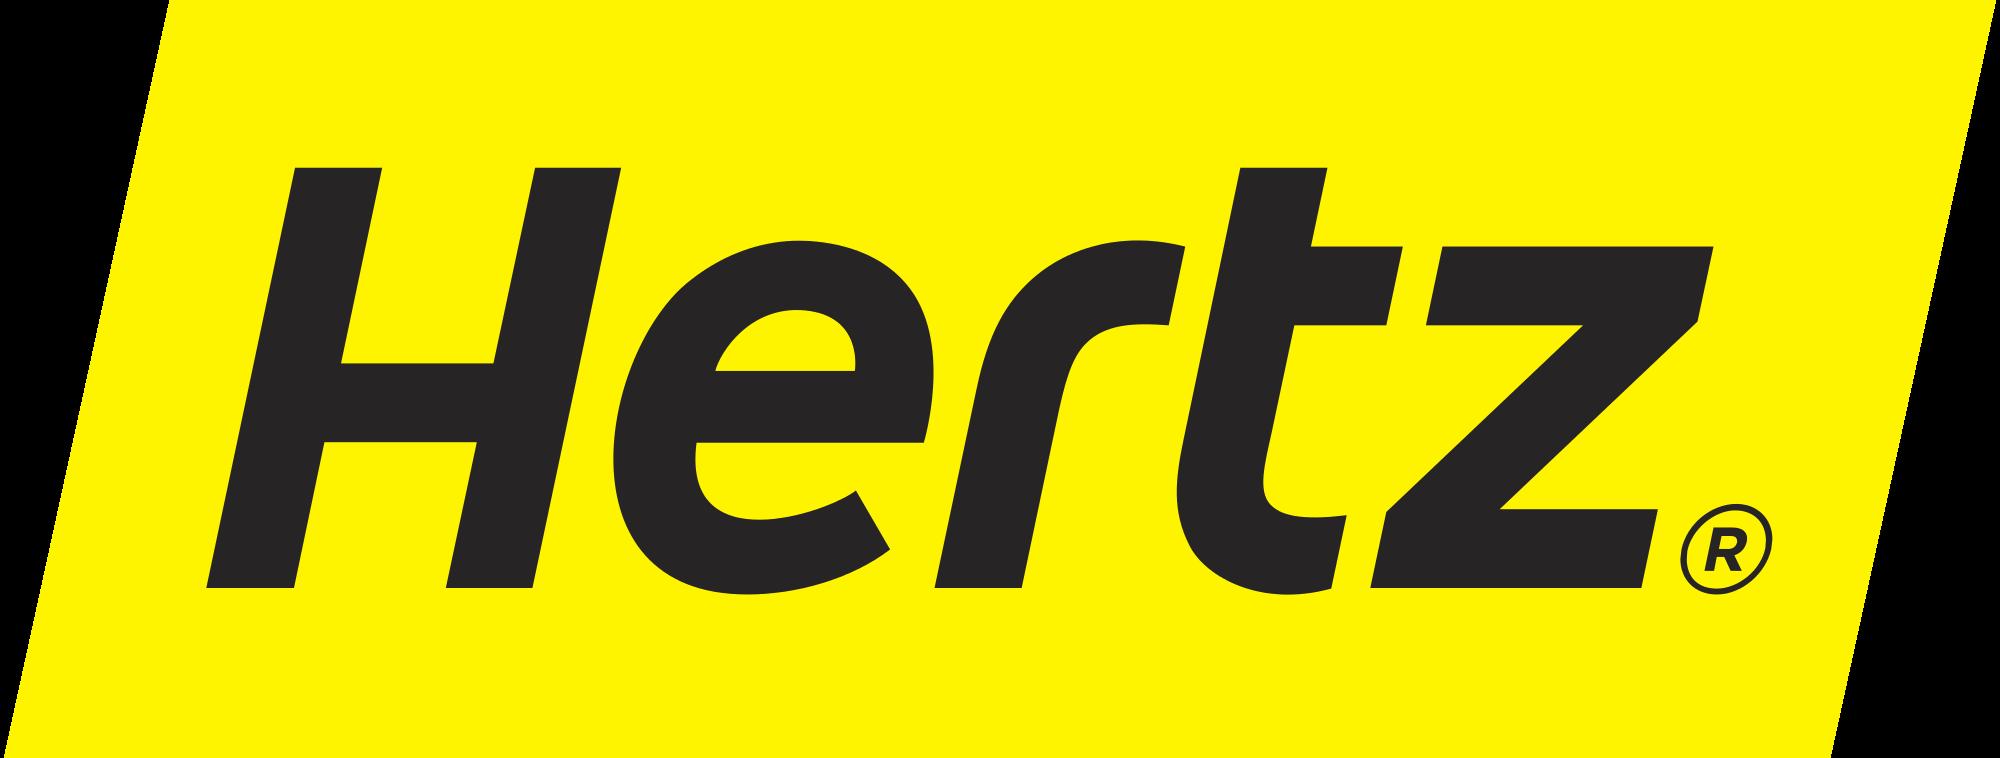 Hertz_Logo.svg